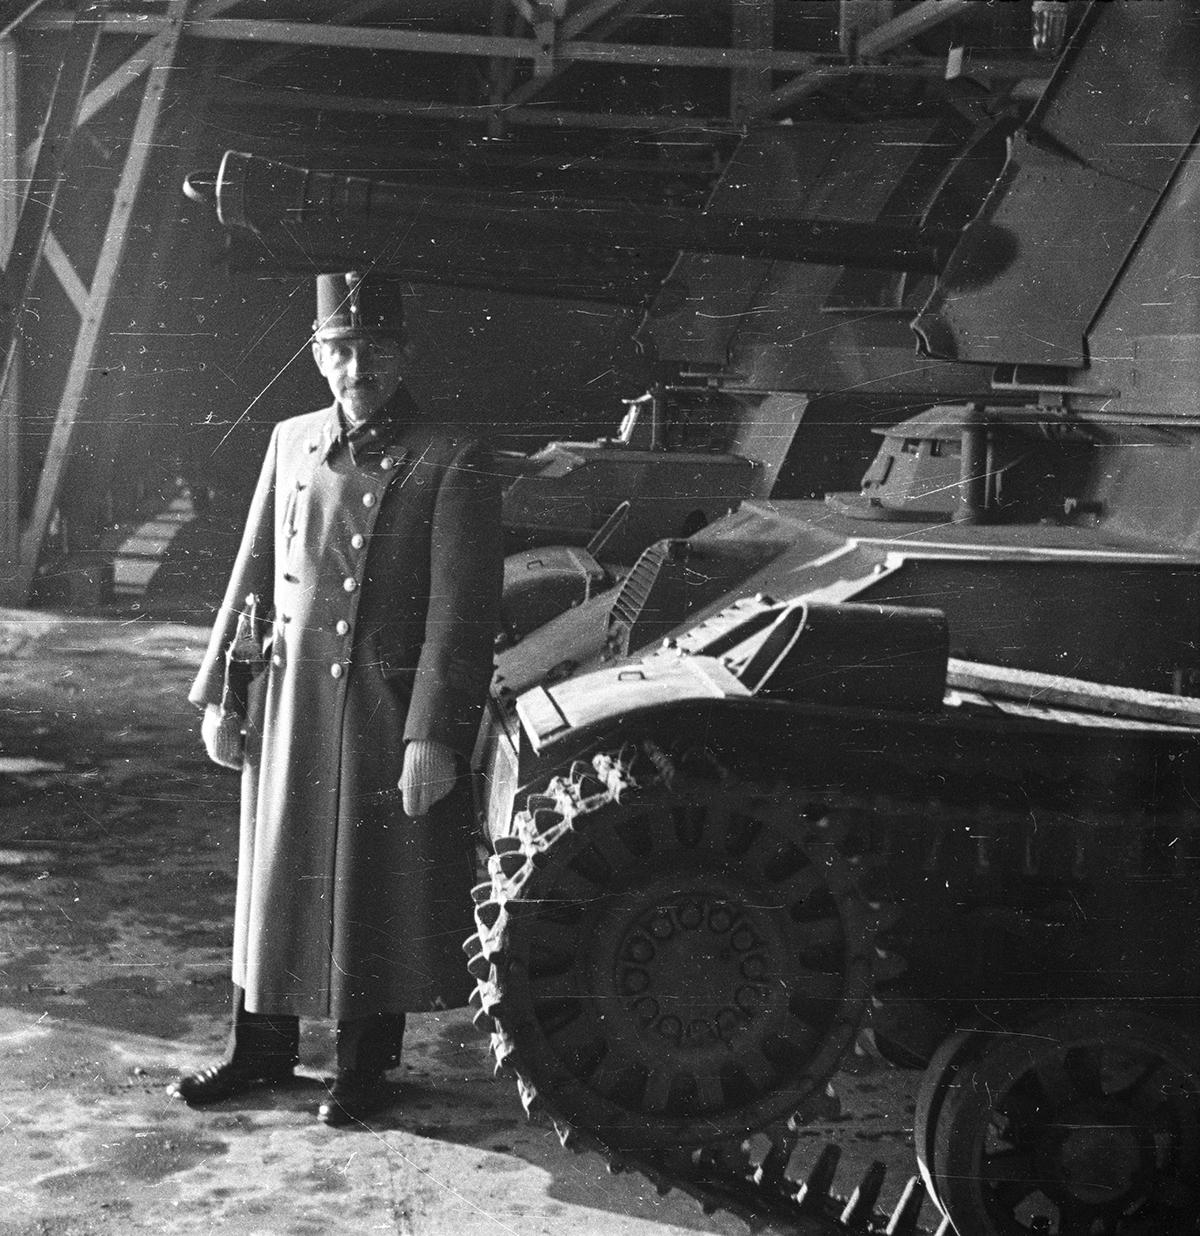 Czaykowski Emánuel mérnök ezredes egy 40M Nimród páncélvadász és légvédelmi gépágyú előtt.